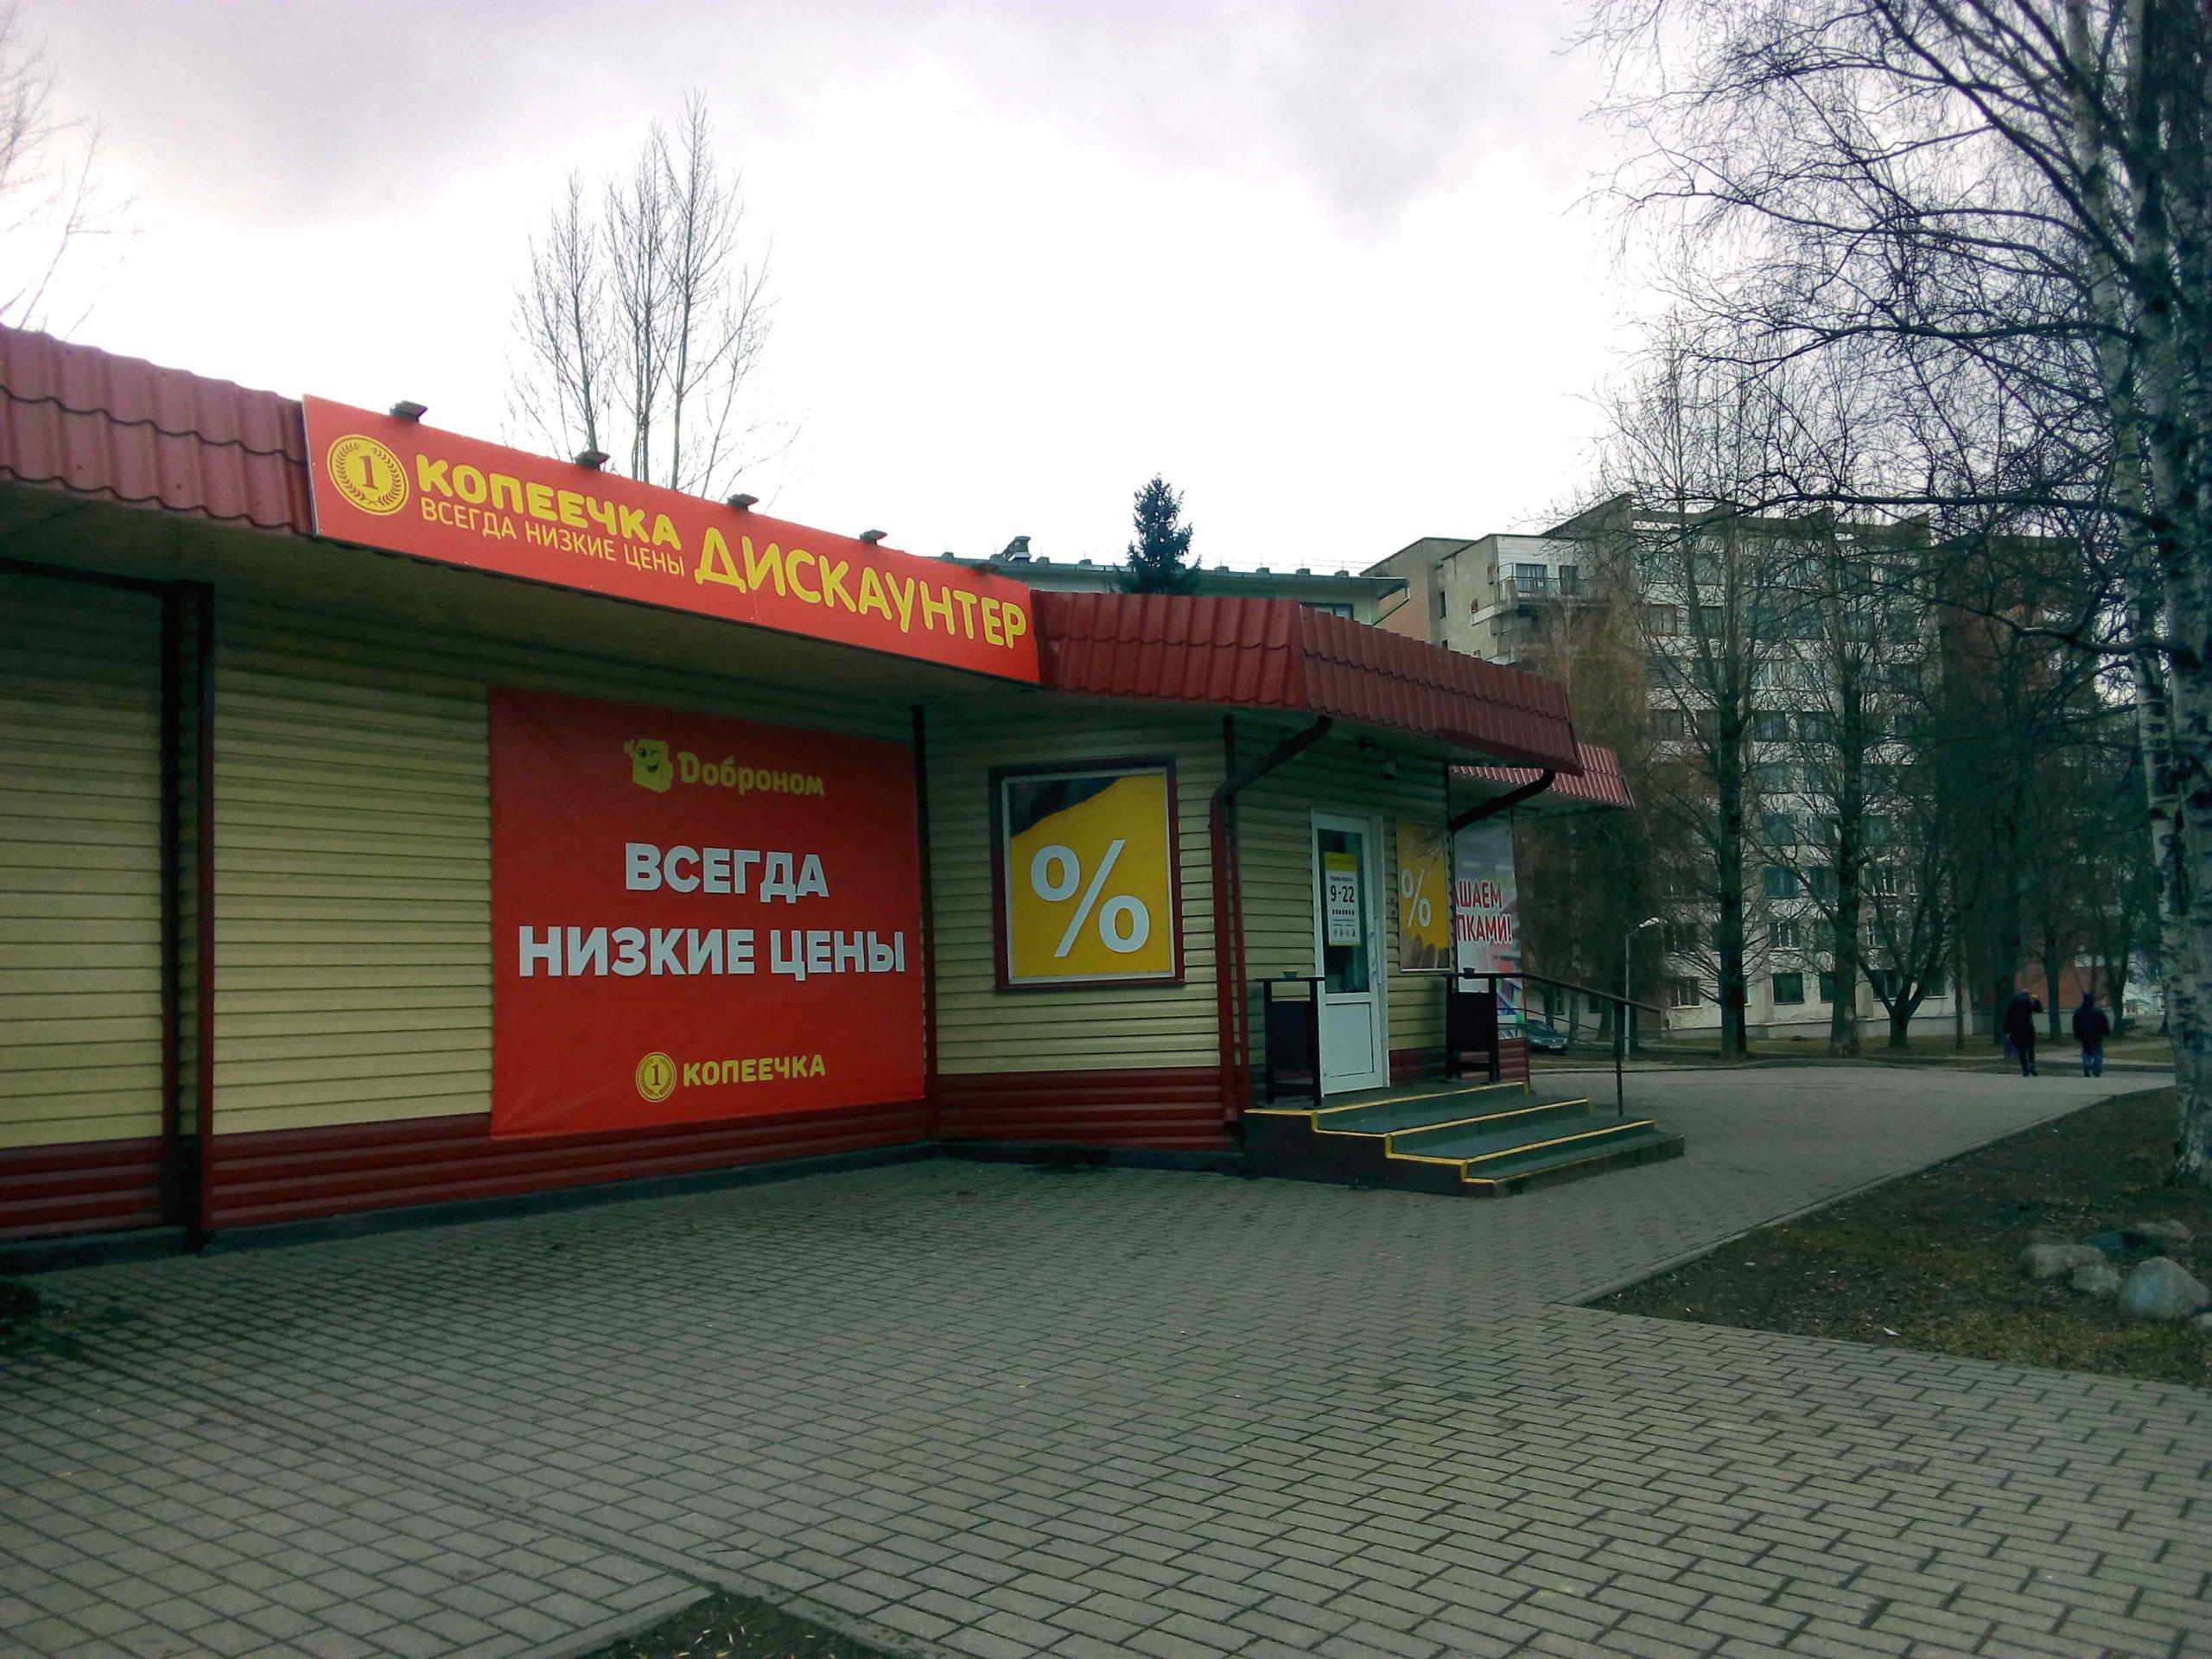 На стакан, а потом в больничку: после Нового года цены на дешёвое вино упали ниже 2 рублей